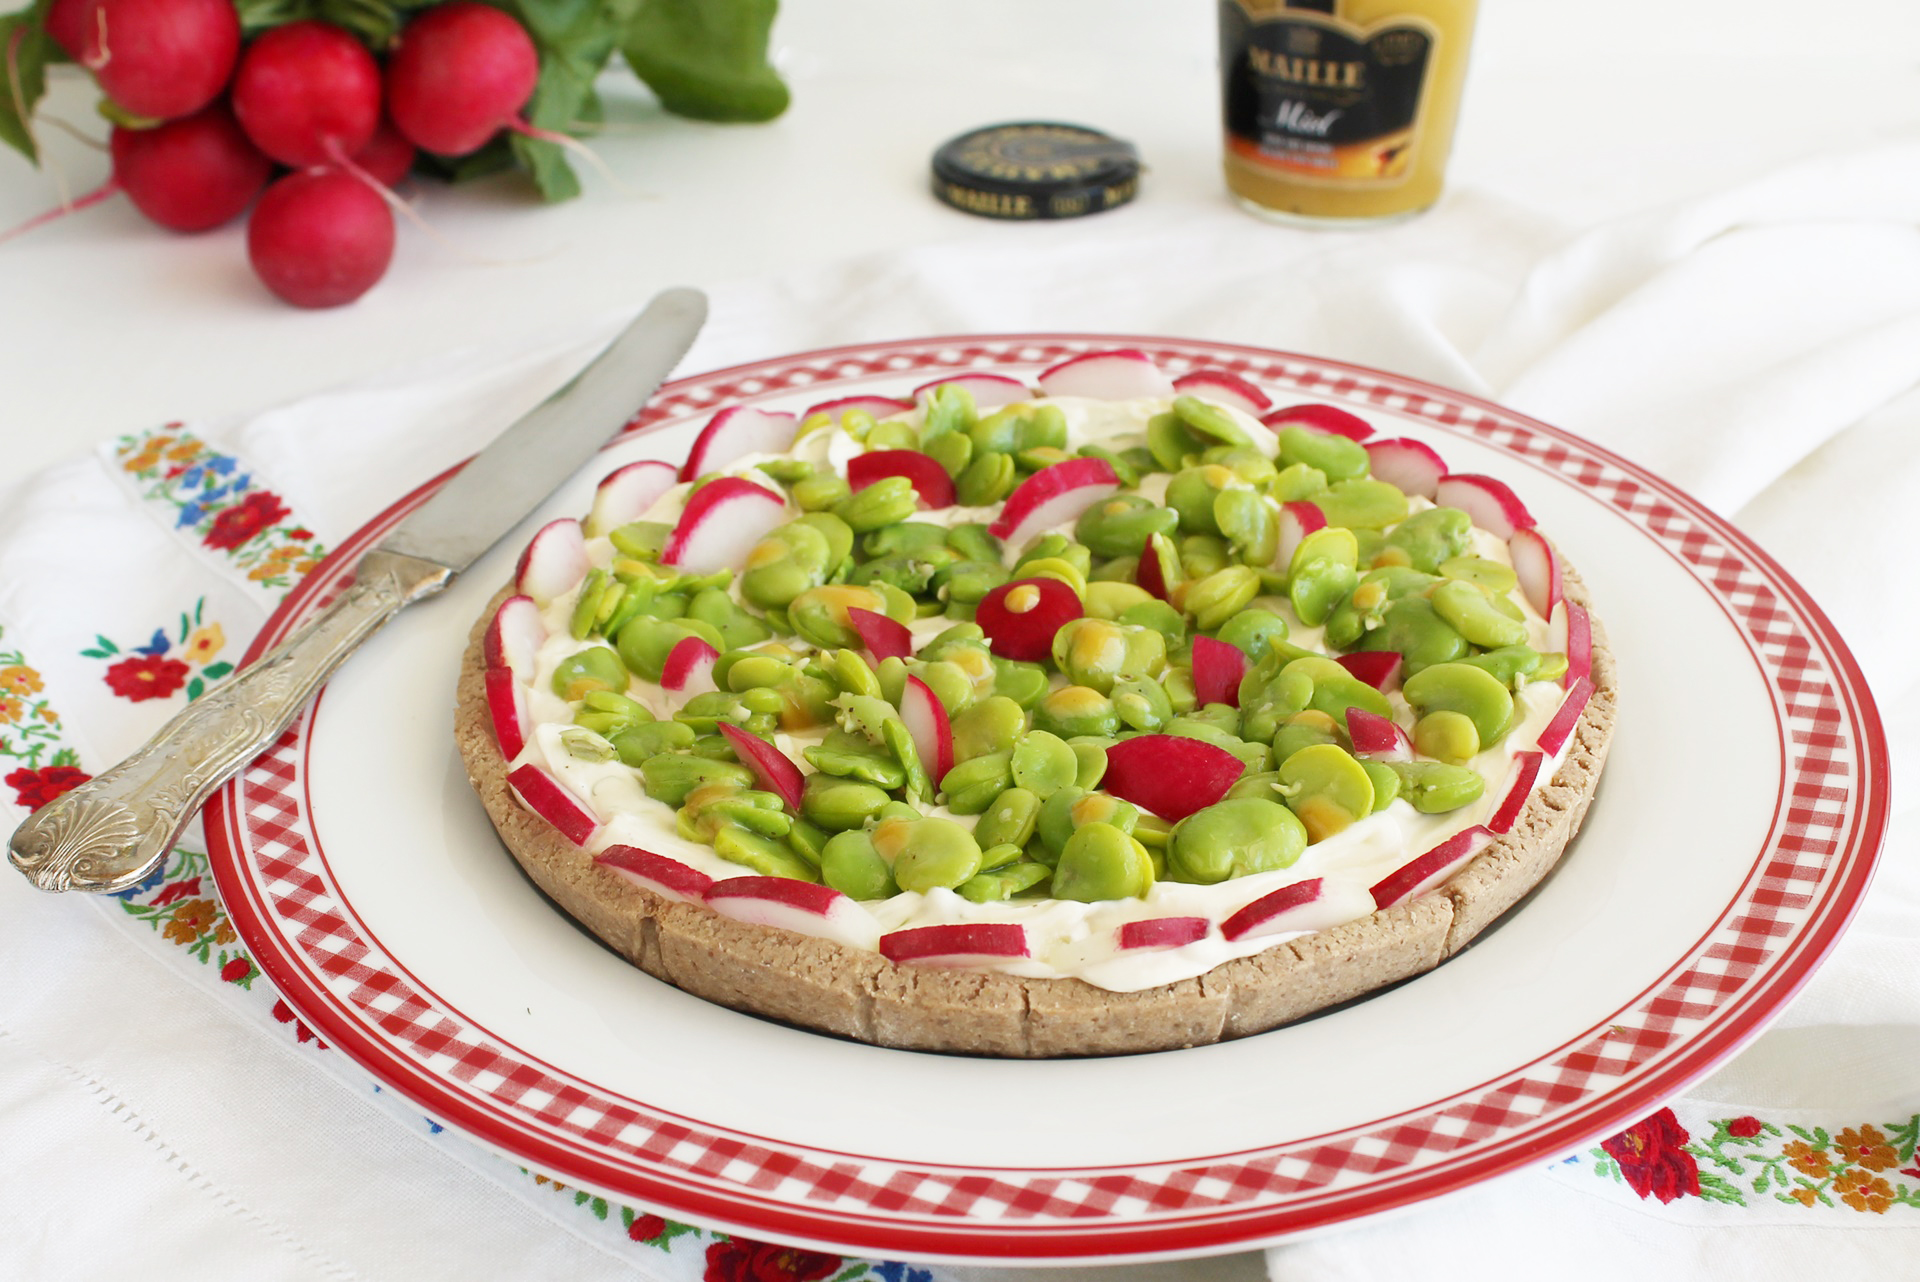 Crostata gluten free di formaggio e favette per Ifood - La Cassata Celiaca